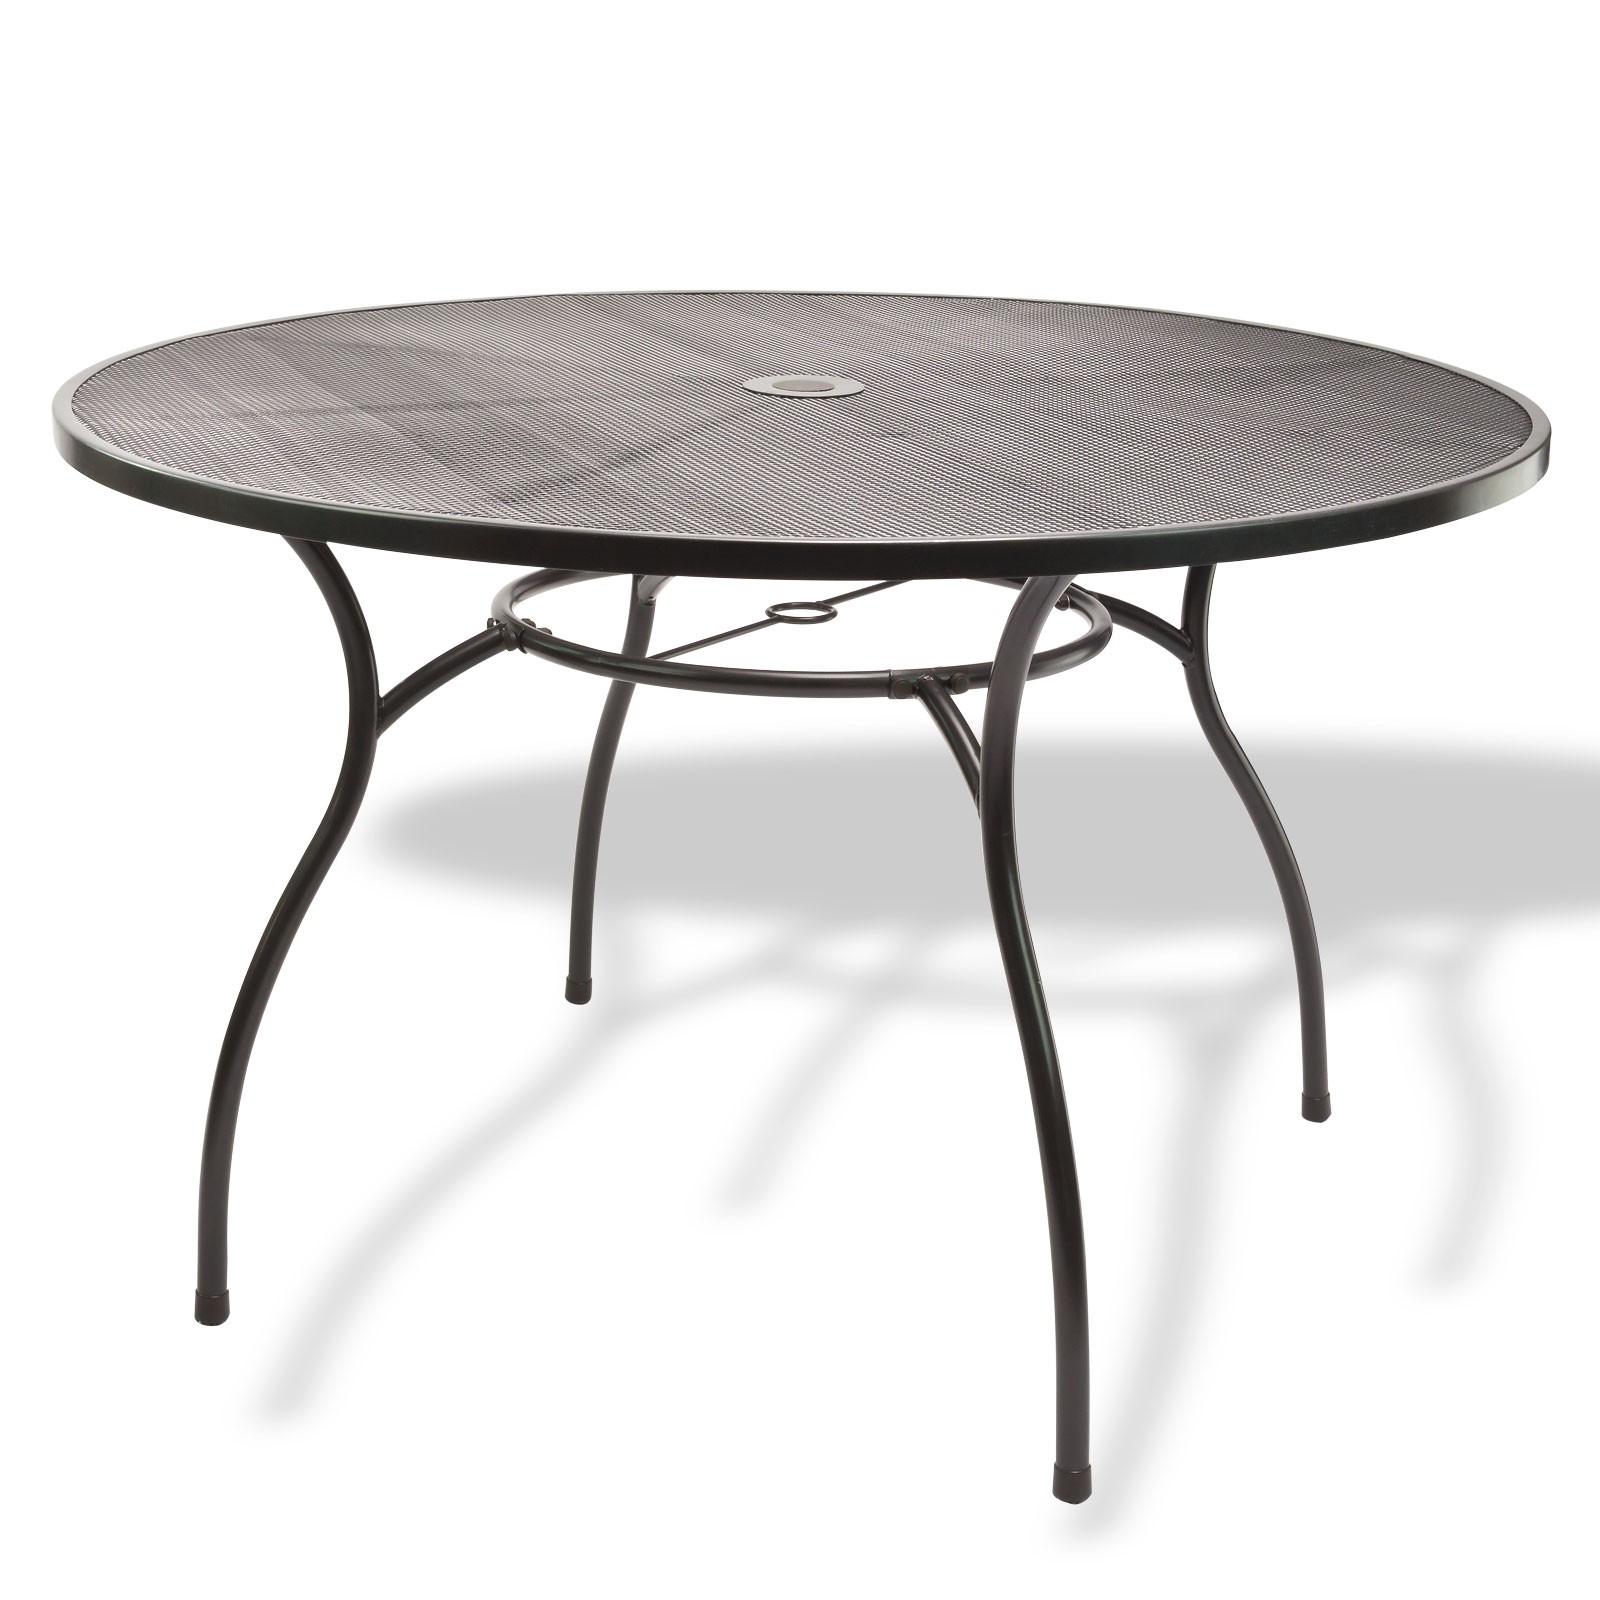 Streckmetalltisch Gartentisch Bistrotisch Rund Las Vegas 120 X 71cm Balkon  Tisch | EBay